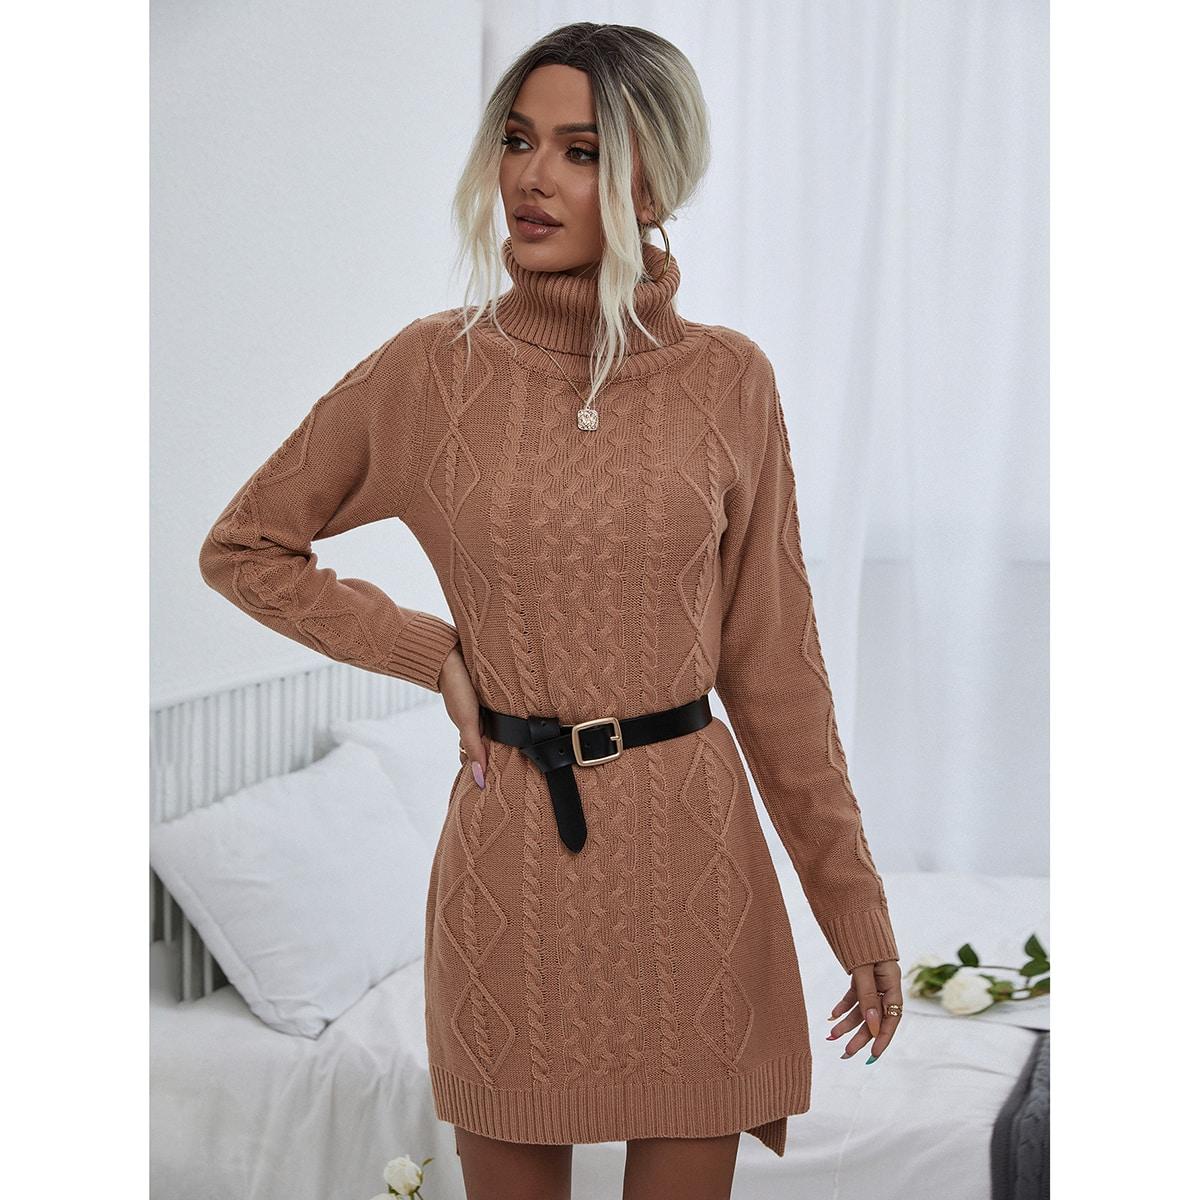 Платье с высоким воротником вязаный асимметричный вязаный без пояса SheIn swdress23210616201